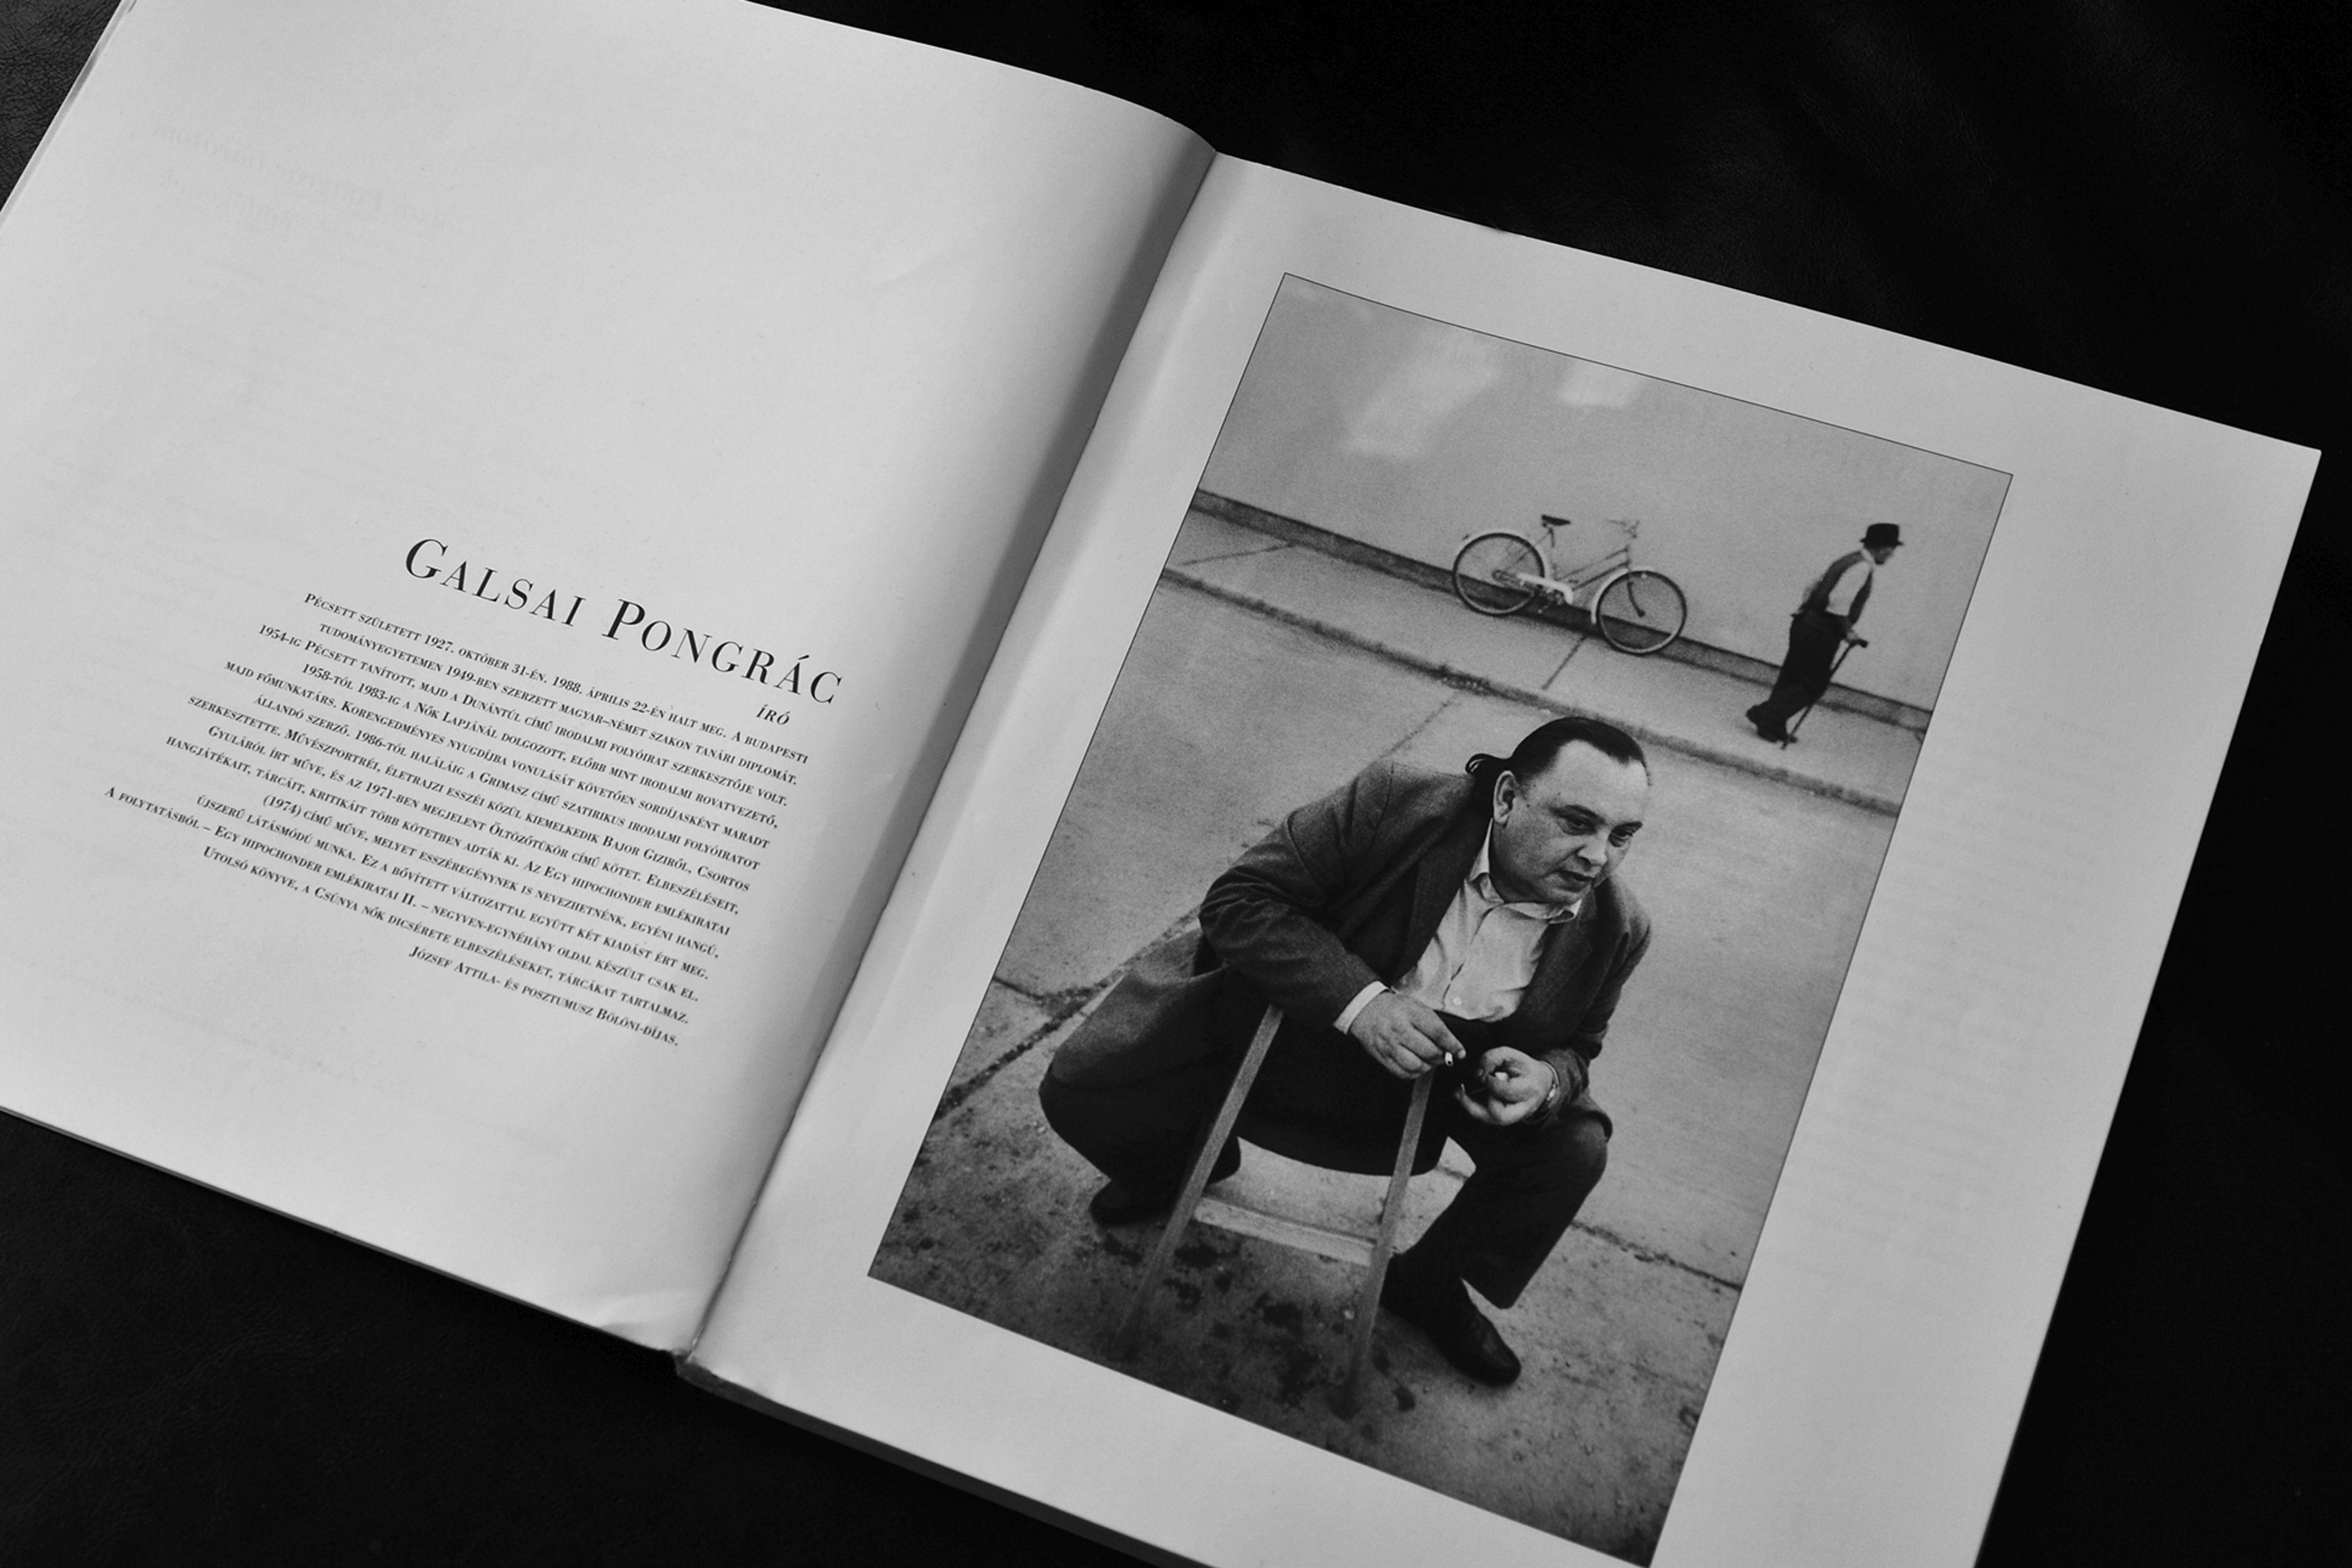 Galsai Pongrác az Arctérképek című könyvben